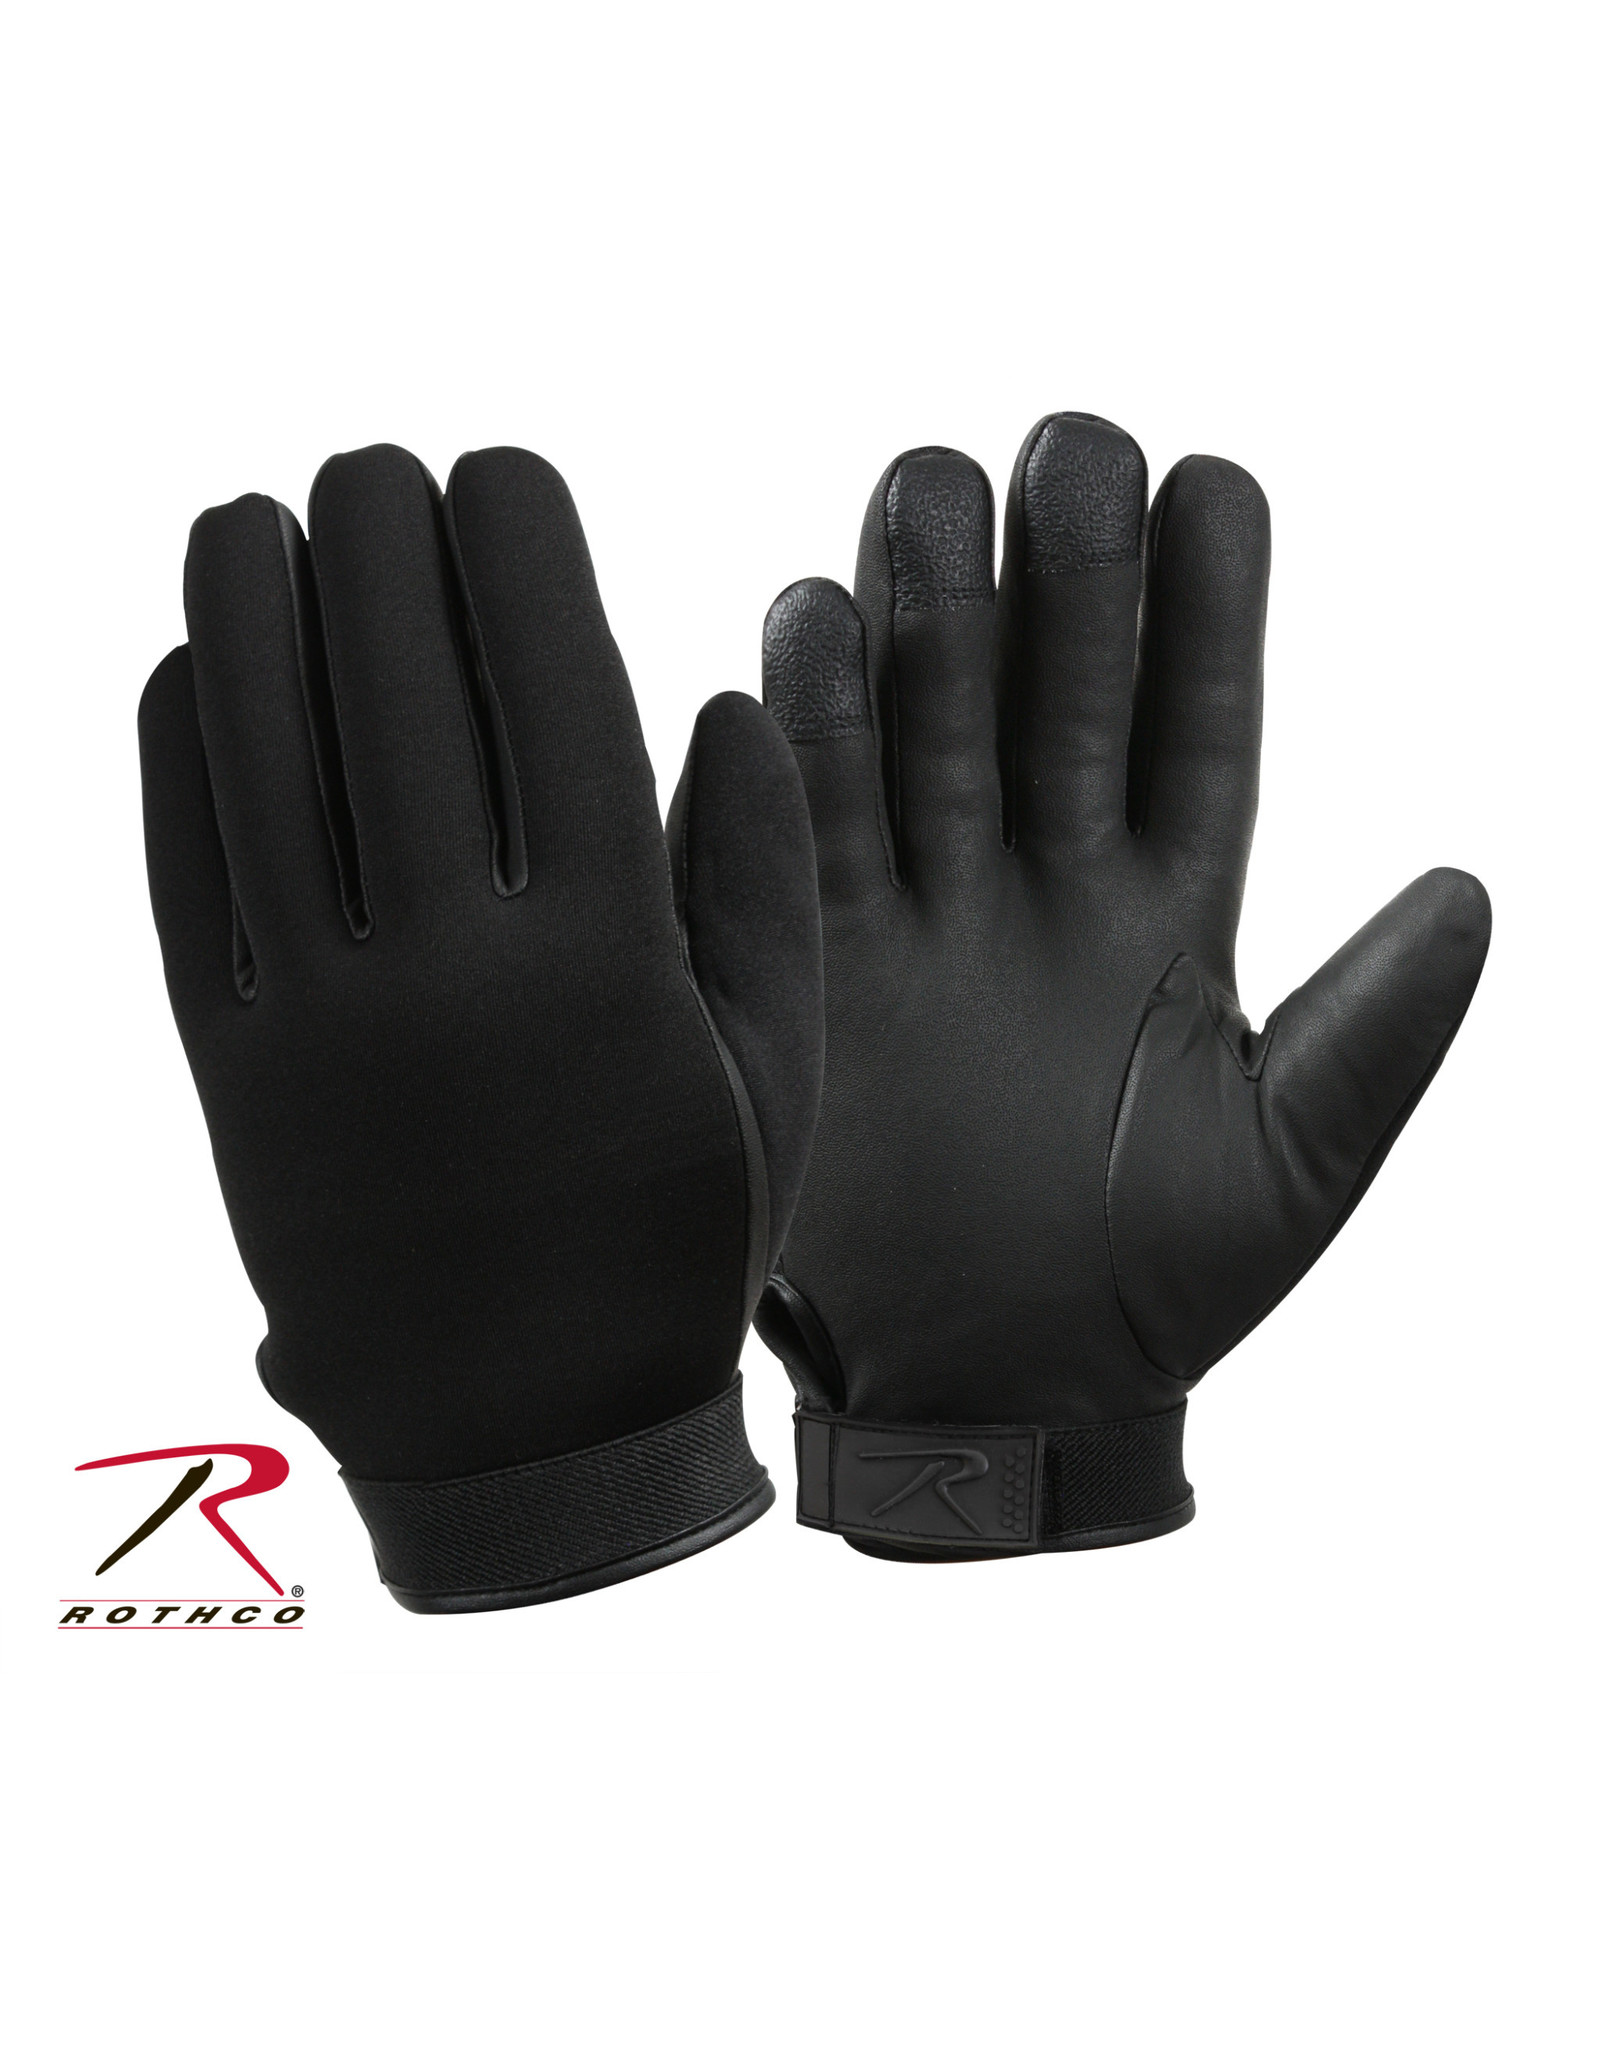 Waterproof CW Duty Glove